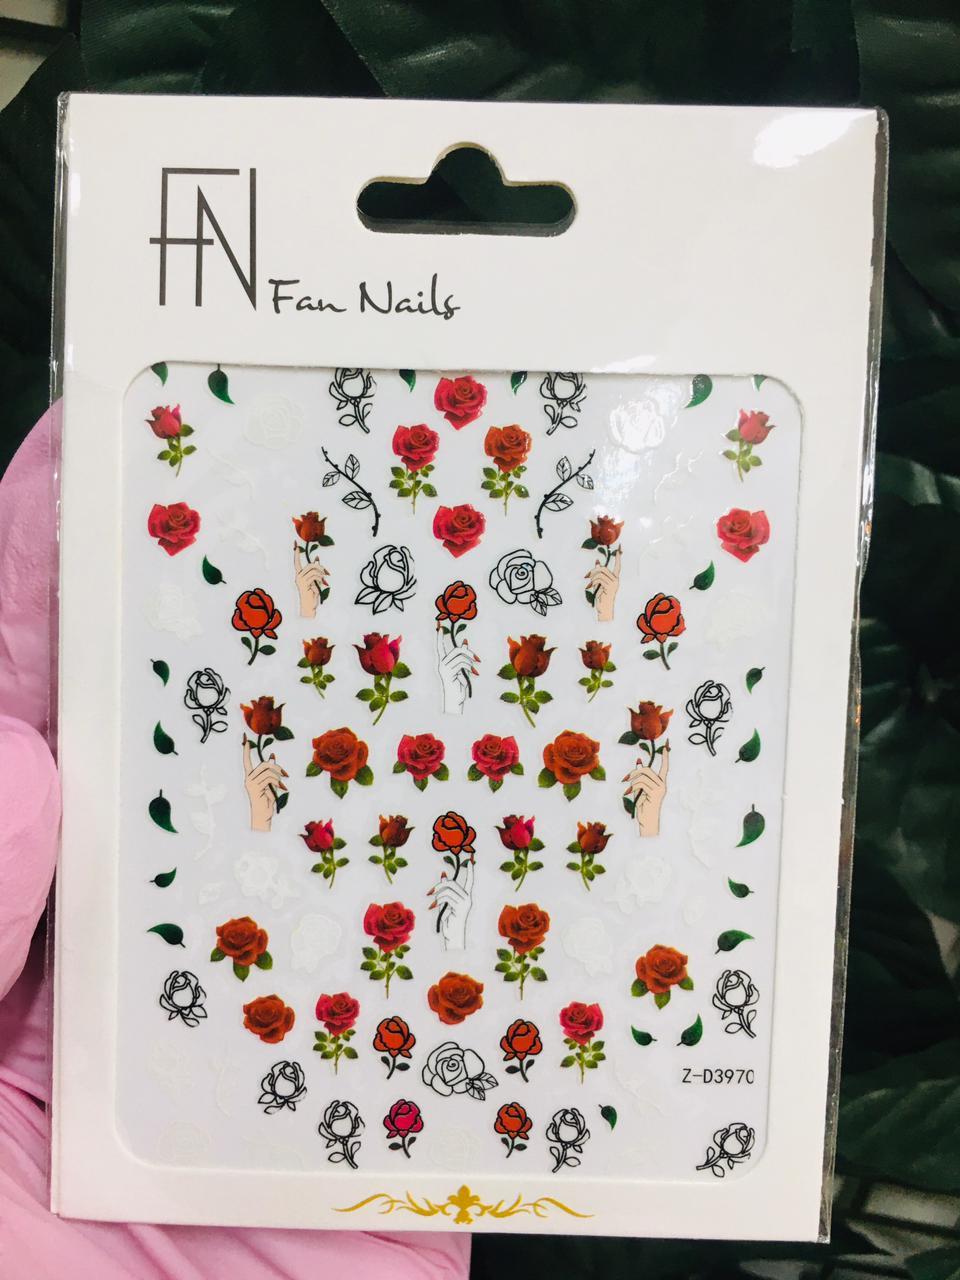 Adesivo para unhas Fan Nails - Modelos diversos  - Sílvia Pedrarias & Cia